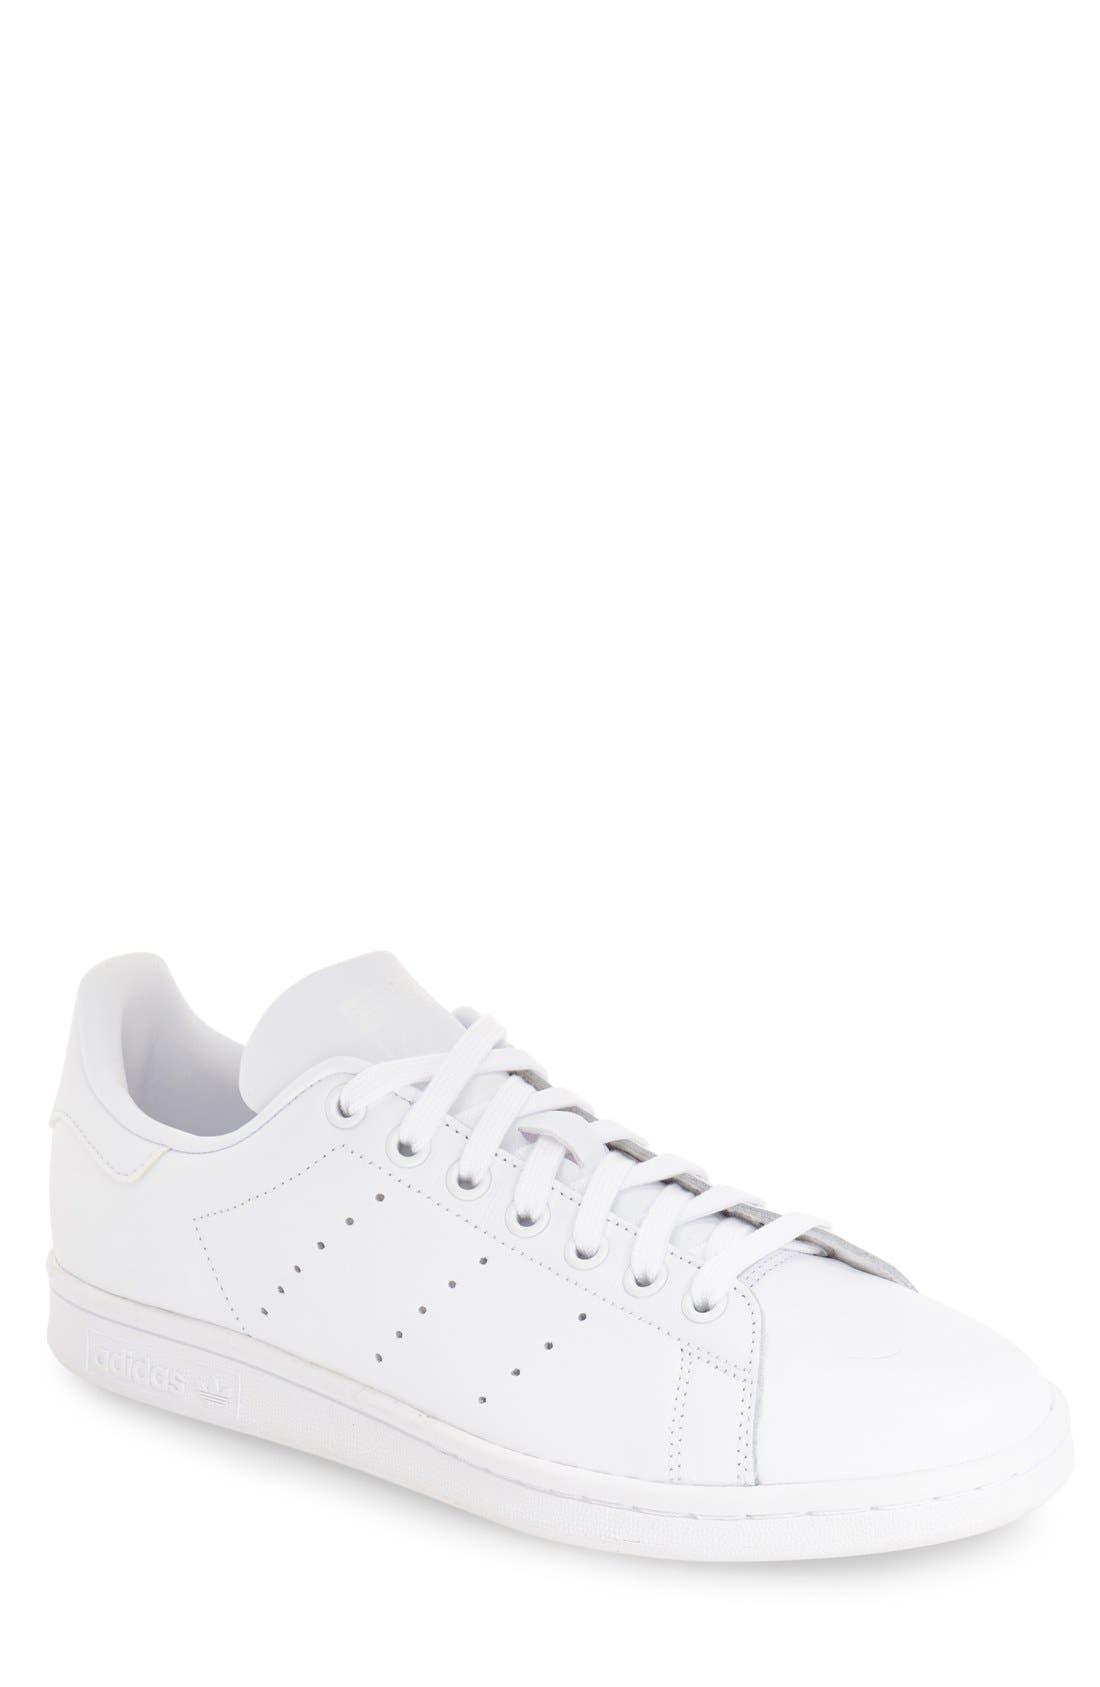 adidas stan smith sneakers white